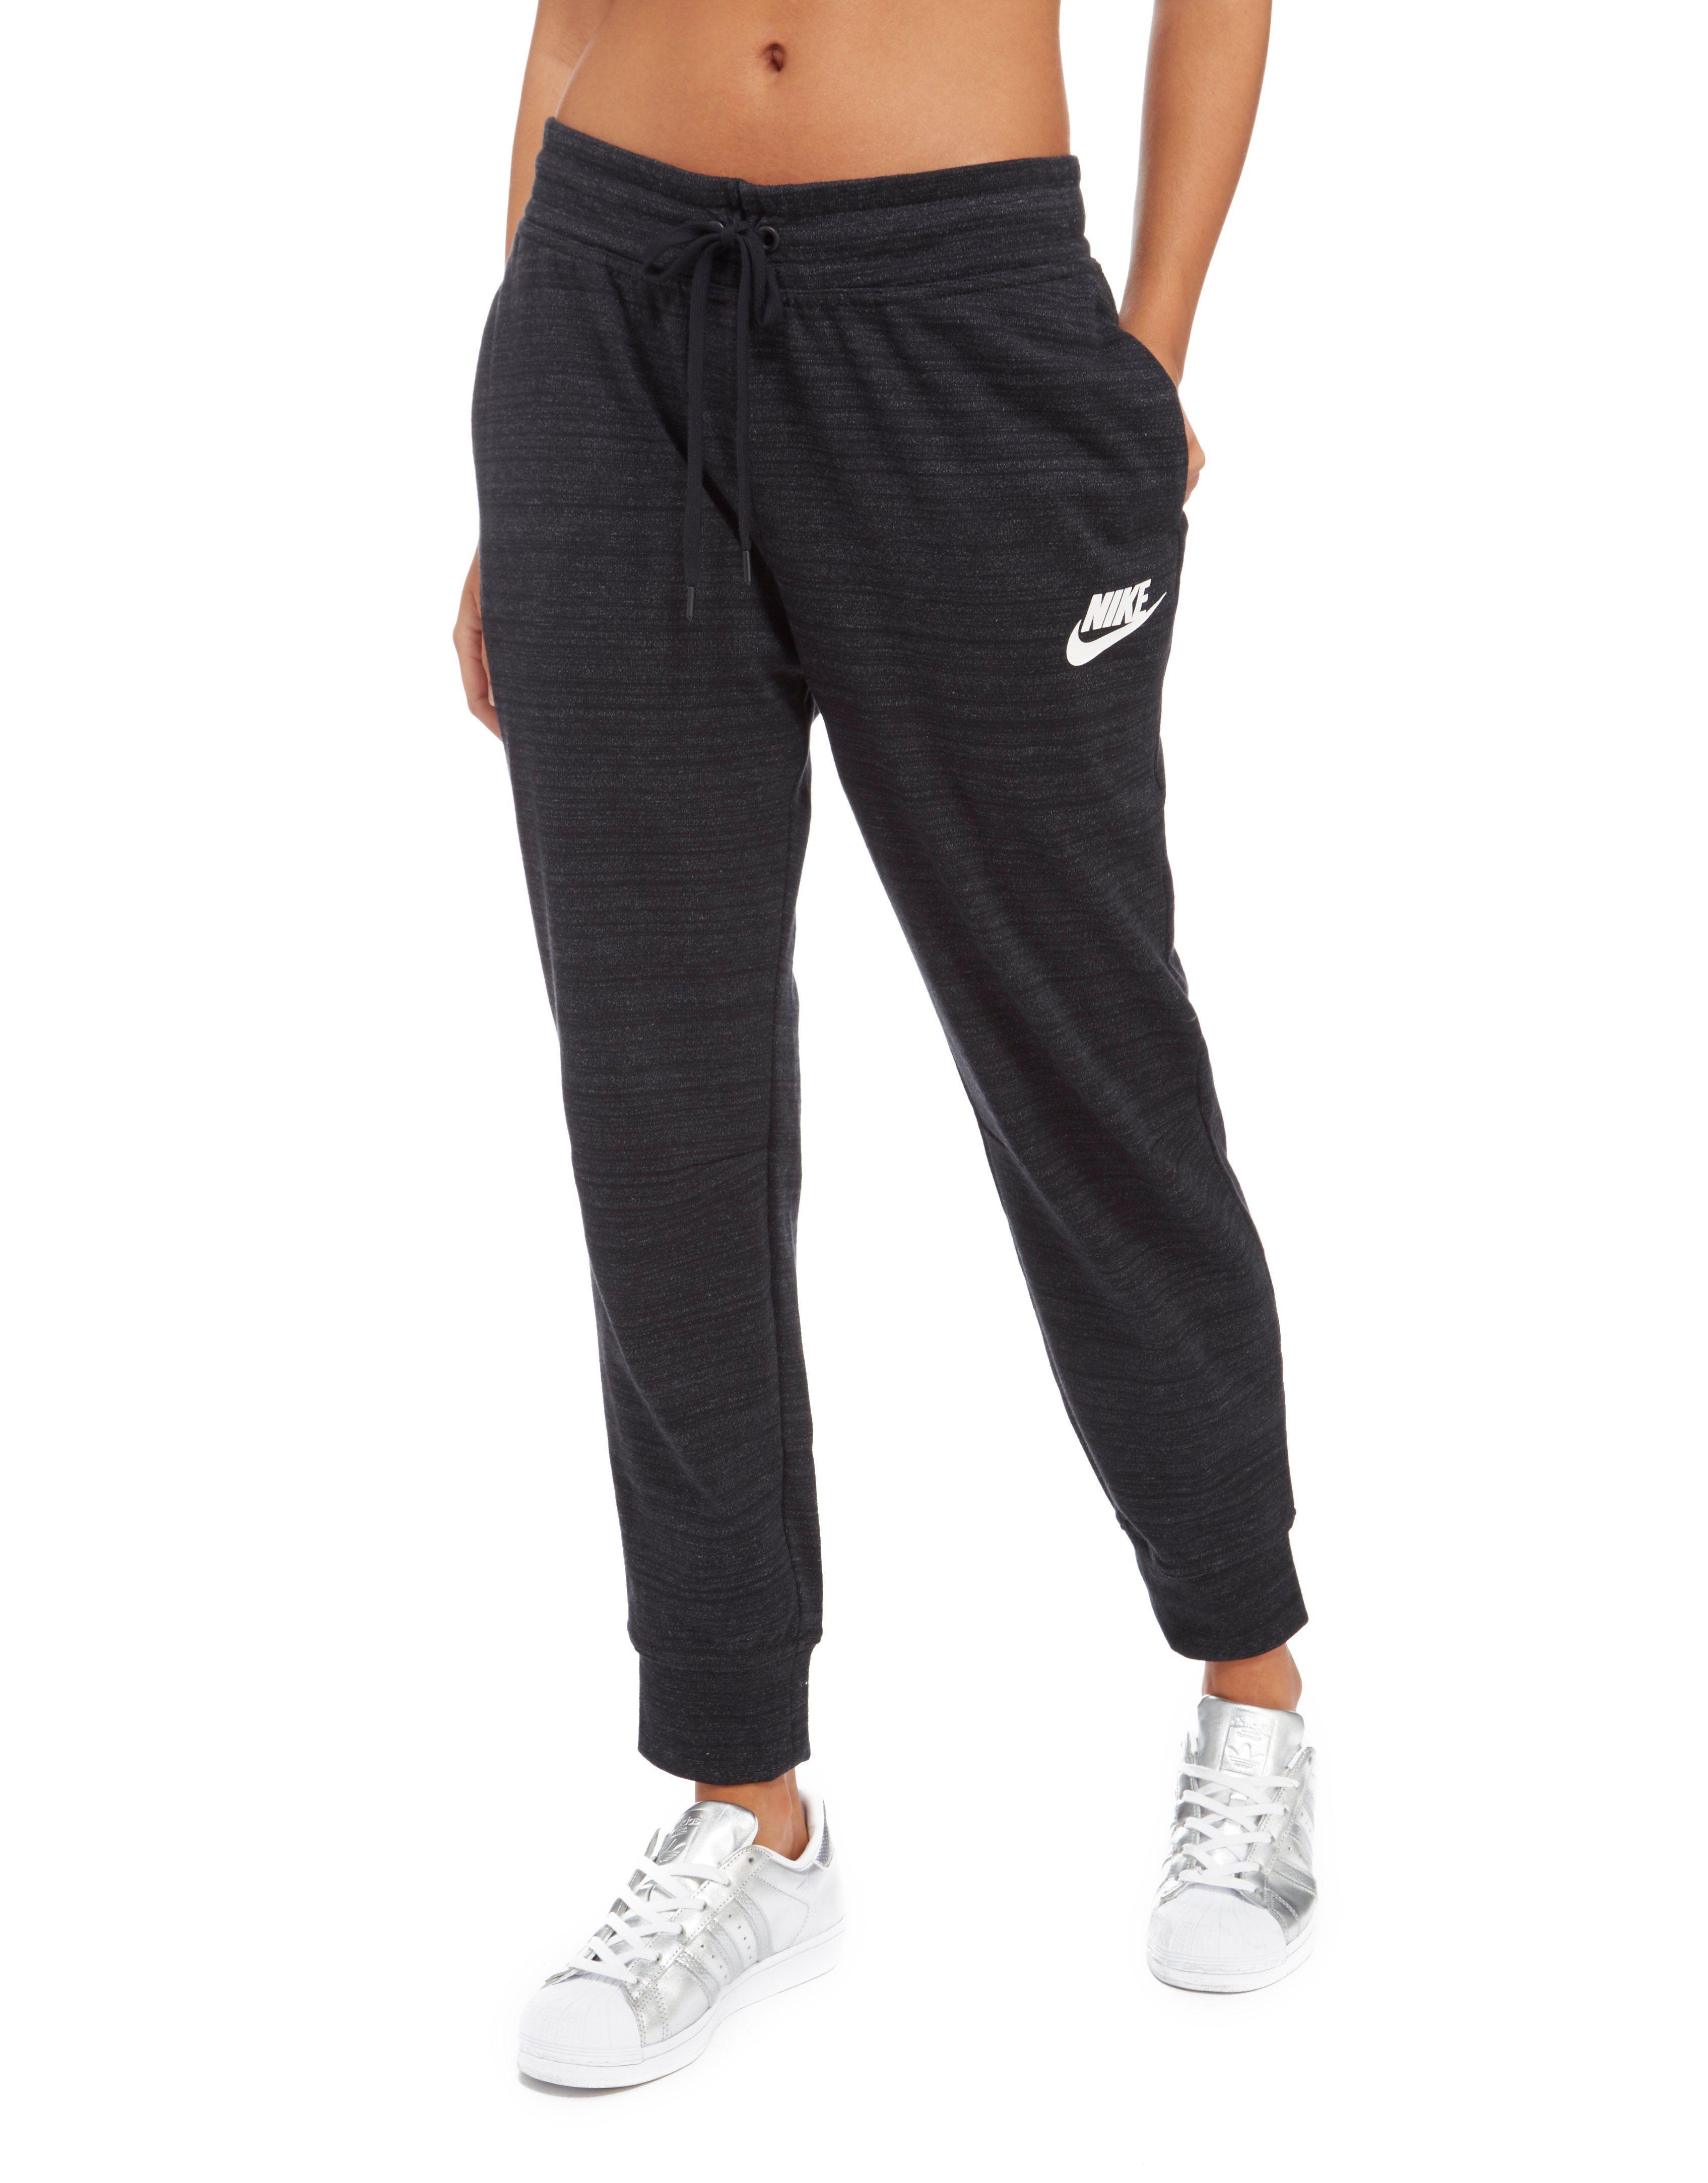 New Pin Nike Jogging Pants On Pinterest